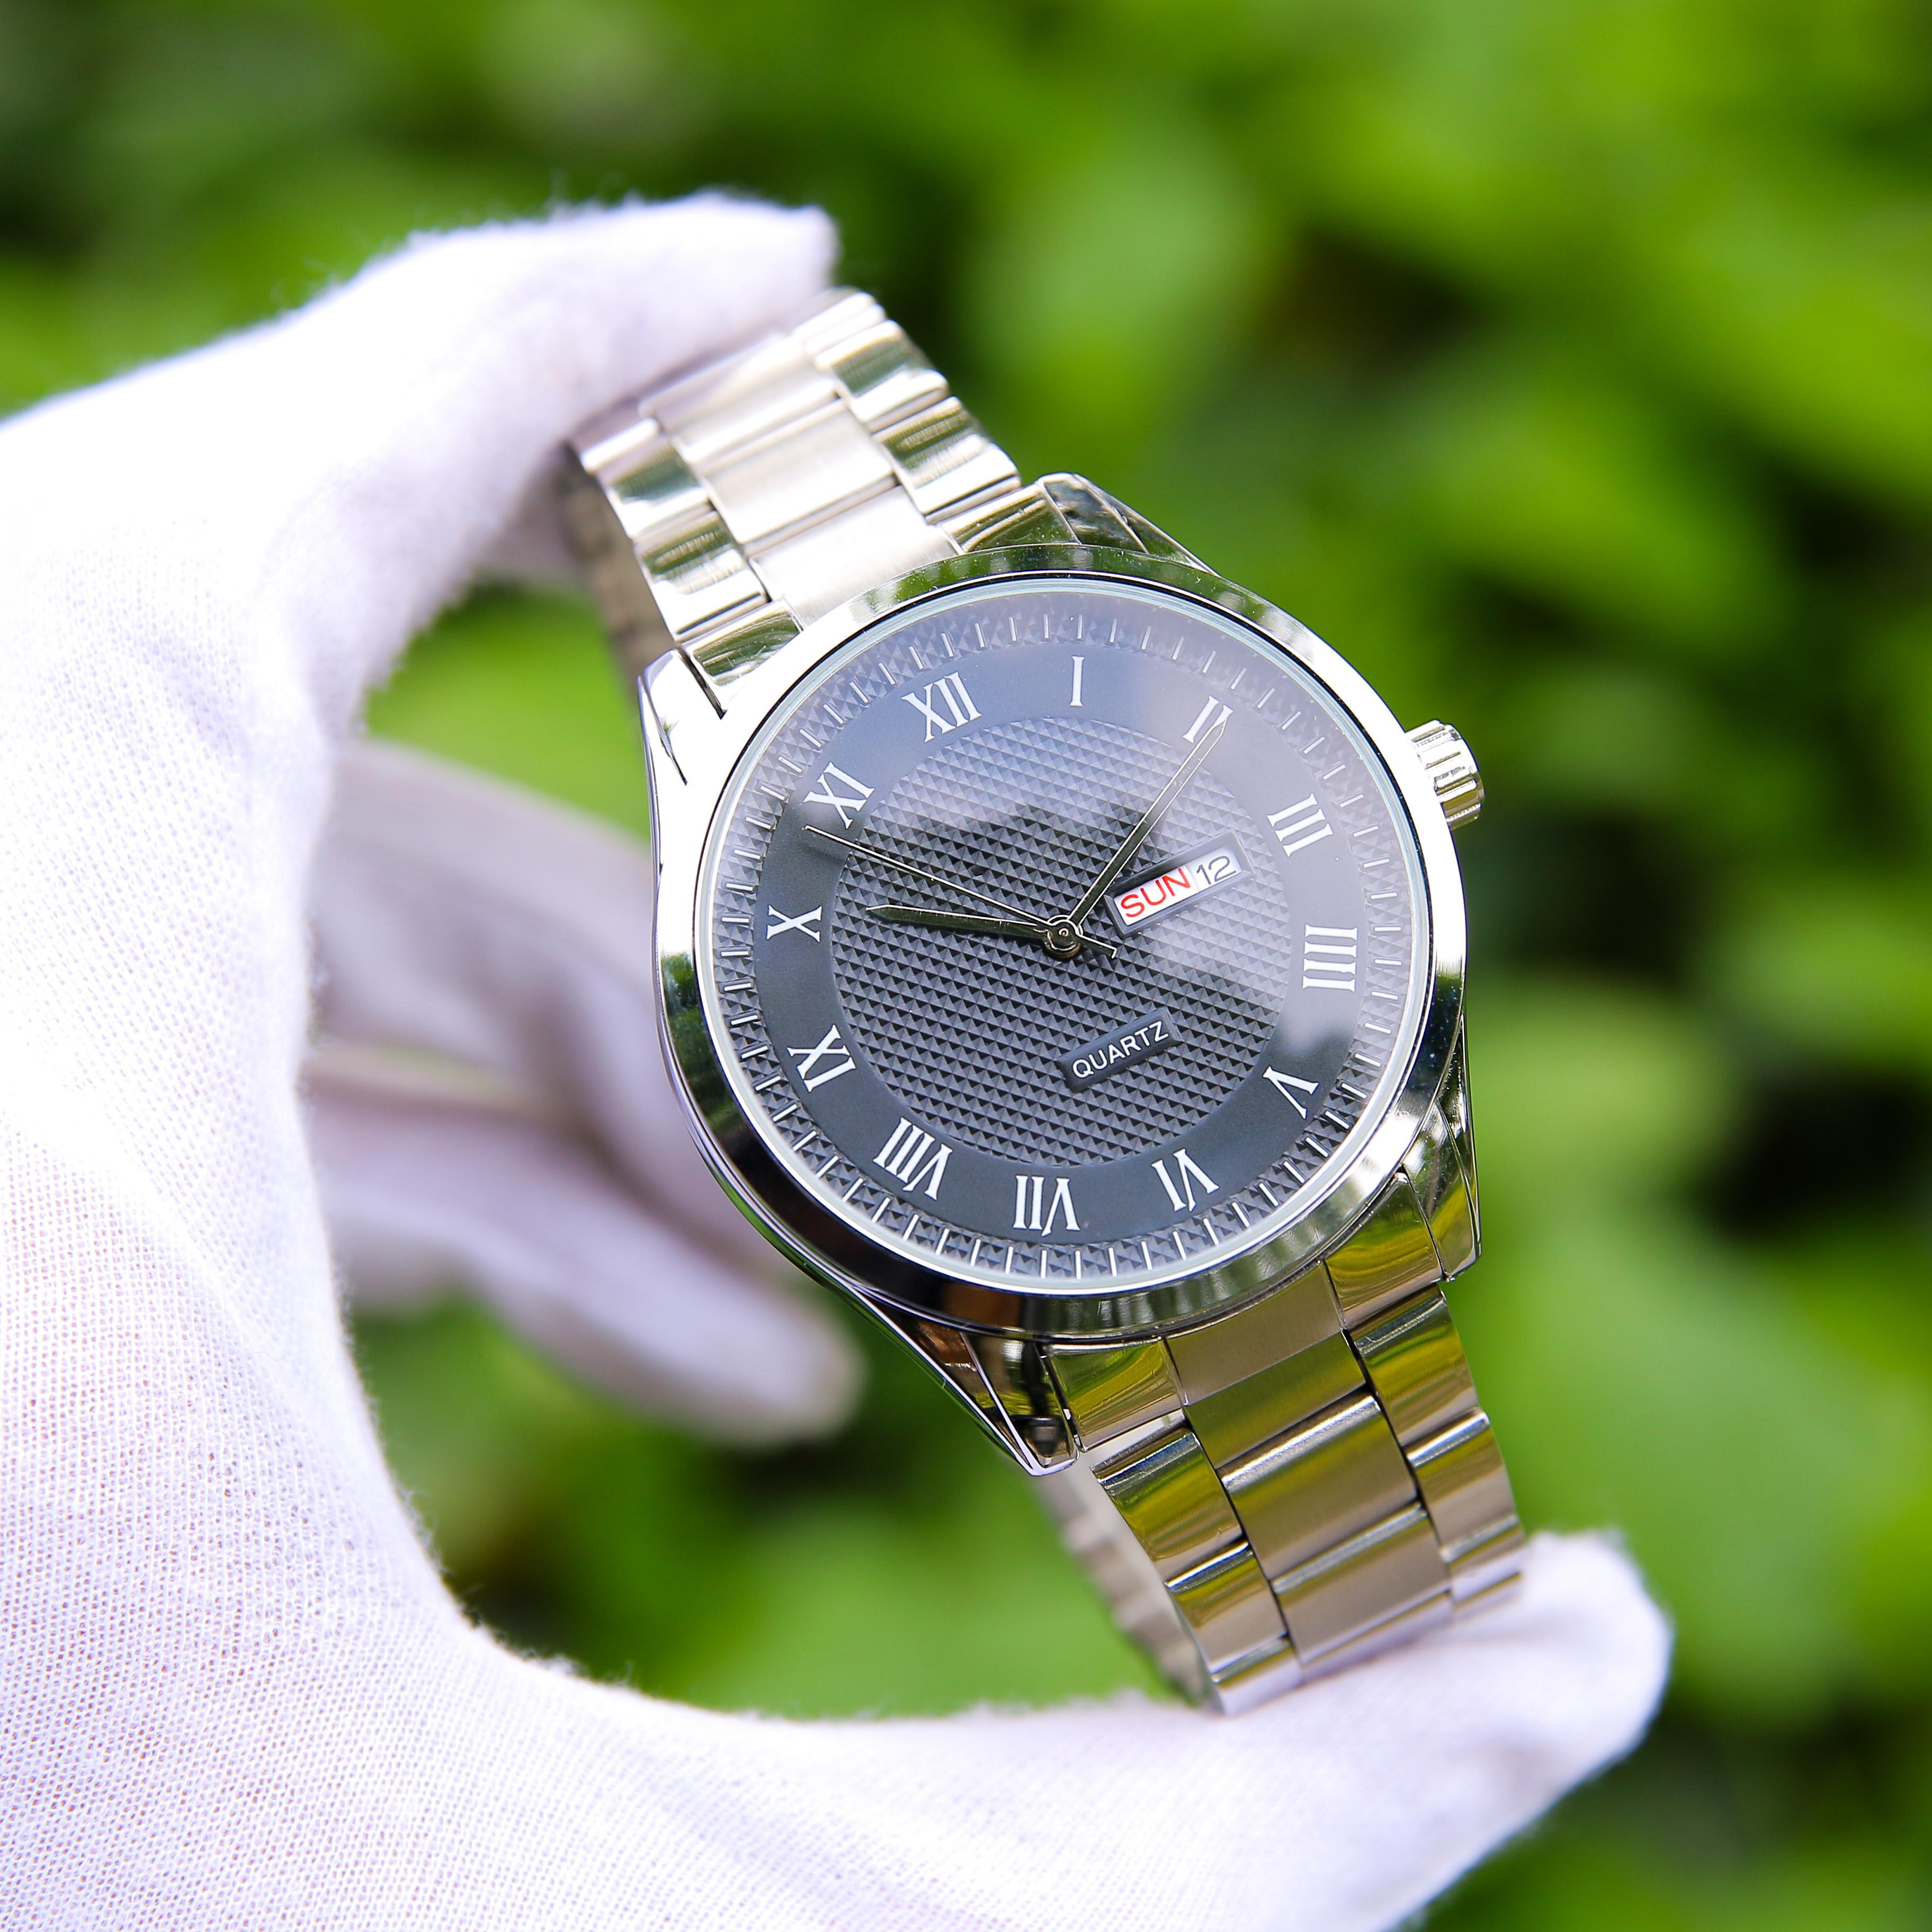 Đồng hồ nam dây thép mặt kính chống xước cao cấp TI003050 phong cách Ý hiển thị 2 lịch ngày tháng – Thiết kế sang trọng – Lịch lãm